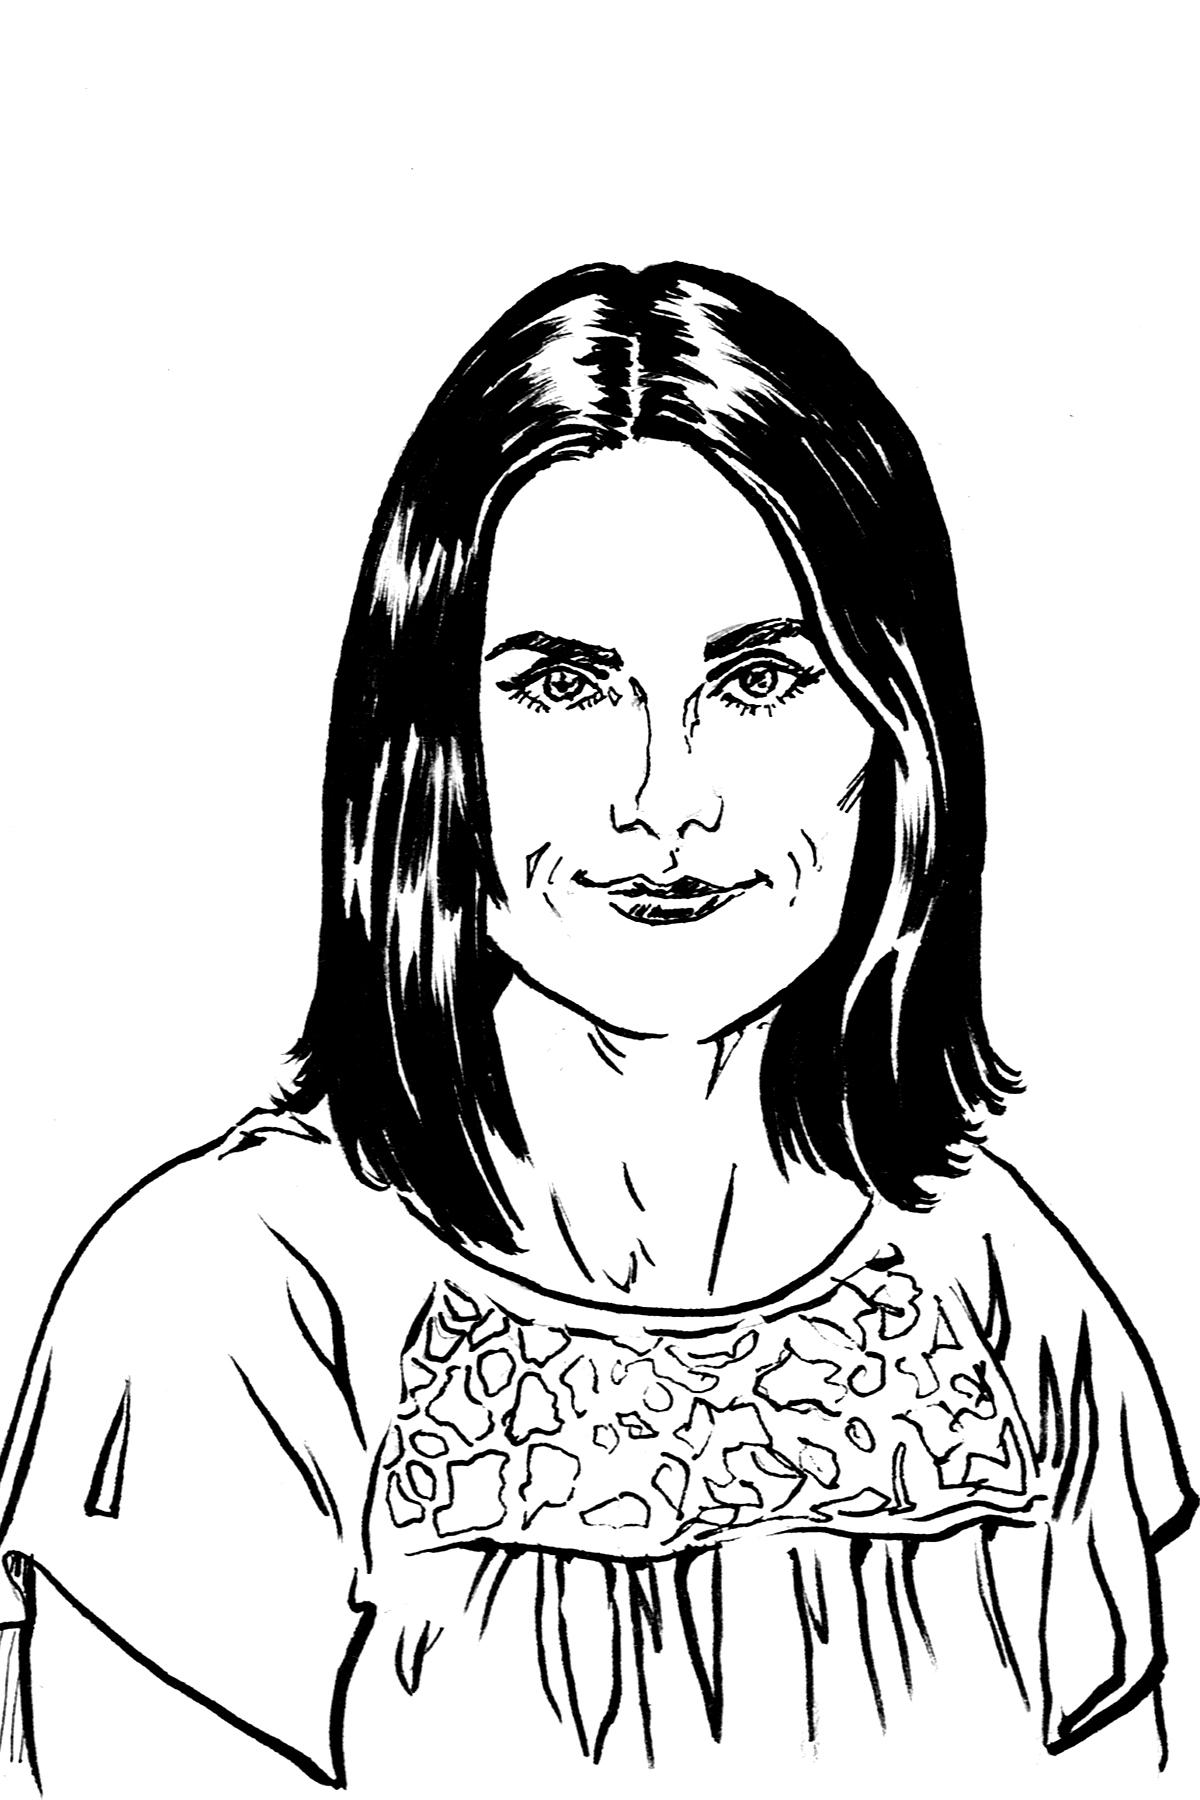 Katrina Onstad